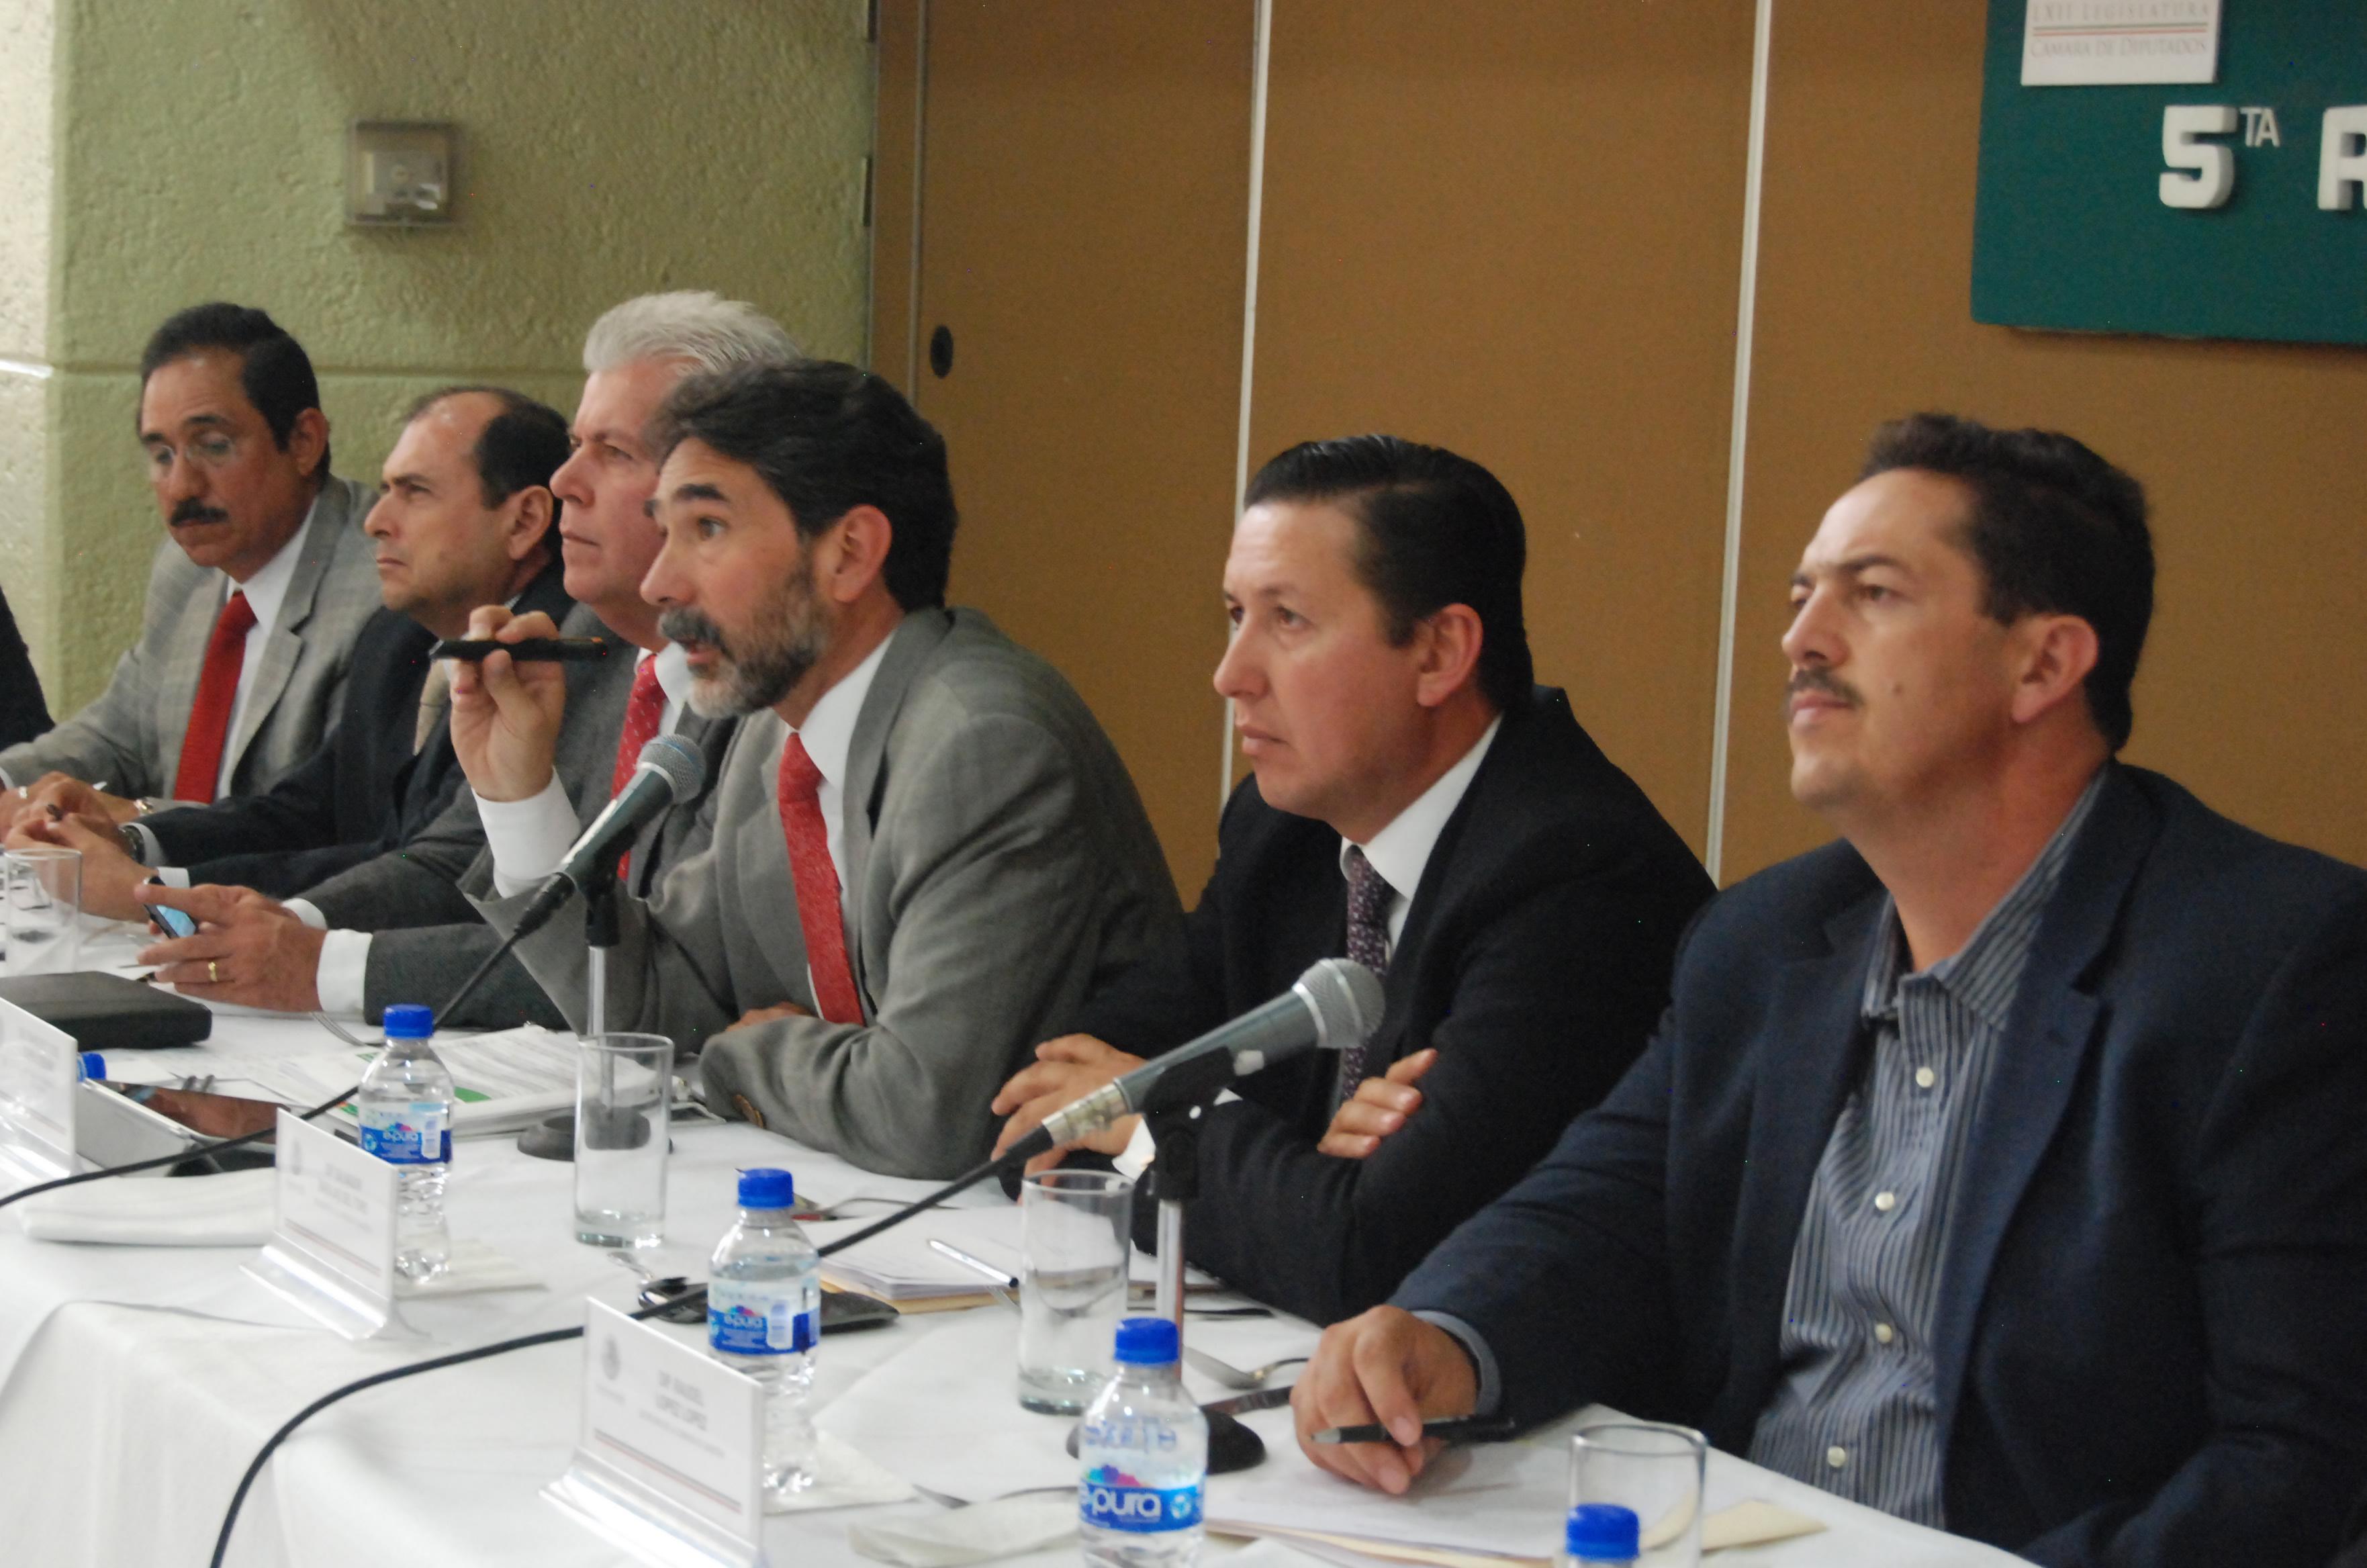 Como parte de los apoyos al sector pecuario mexicano, el gobierno federal desarrolla en el país cinco acciones específicas para estimular su productividad sustentable: Coordinación General de Ganadería.